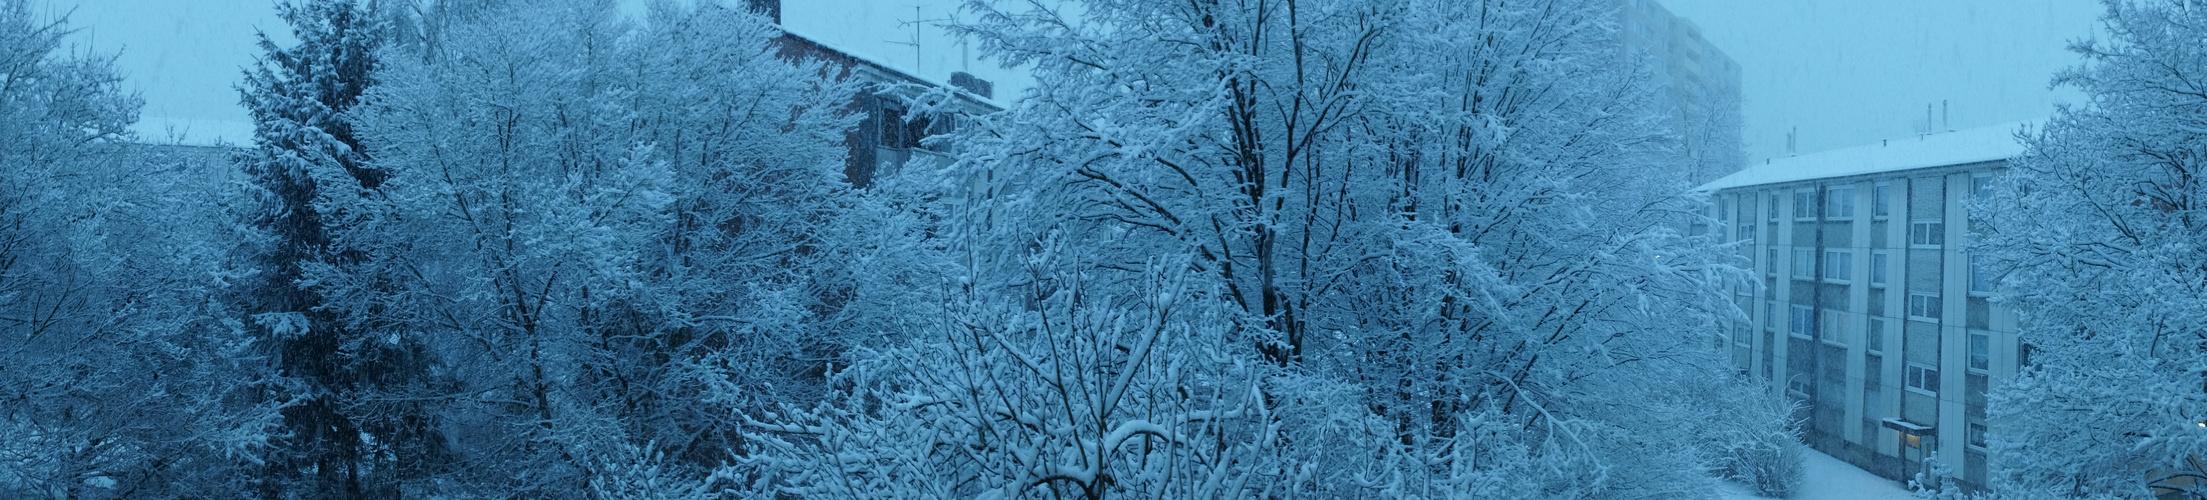 Winterpanora